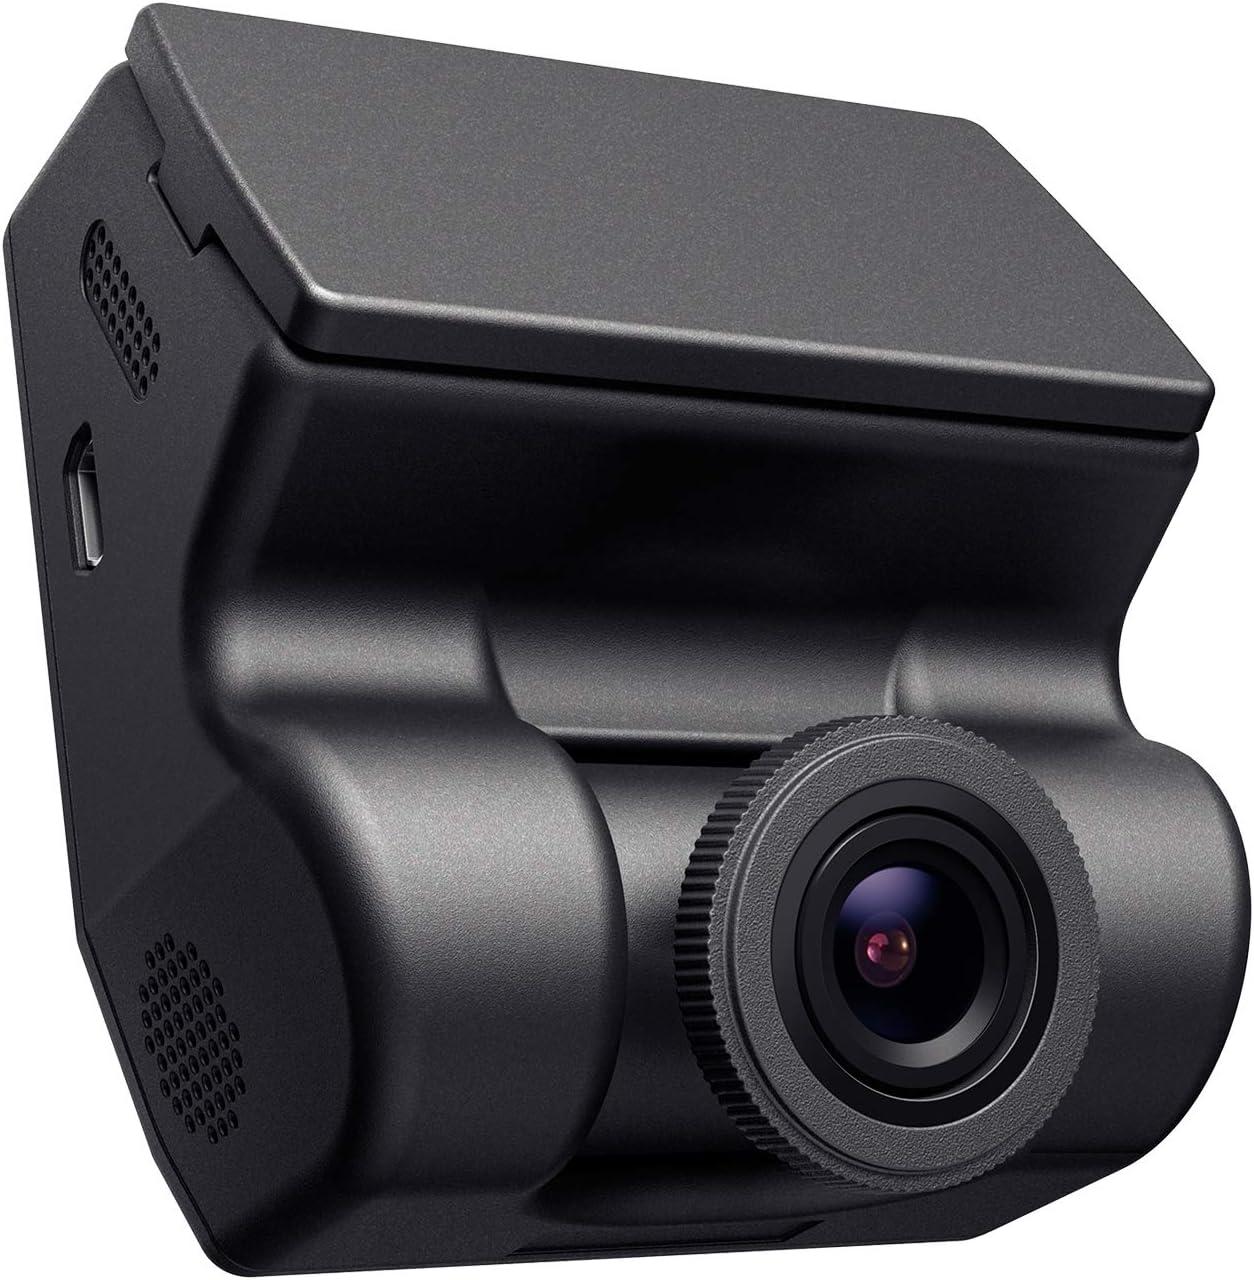 Pioneer Nd Dvr100 Flache Dashcam Mit Voller Kamera